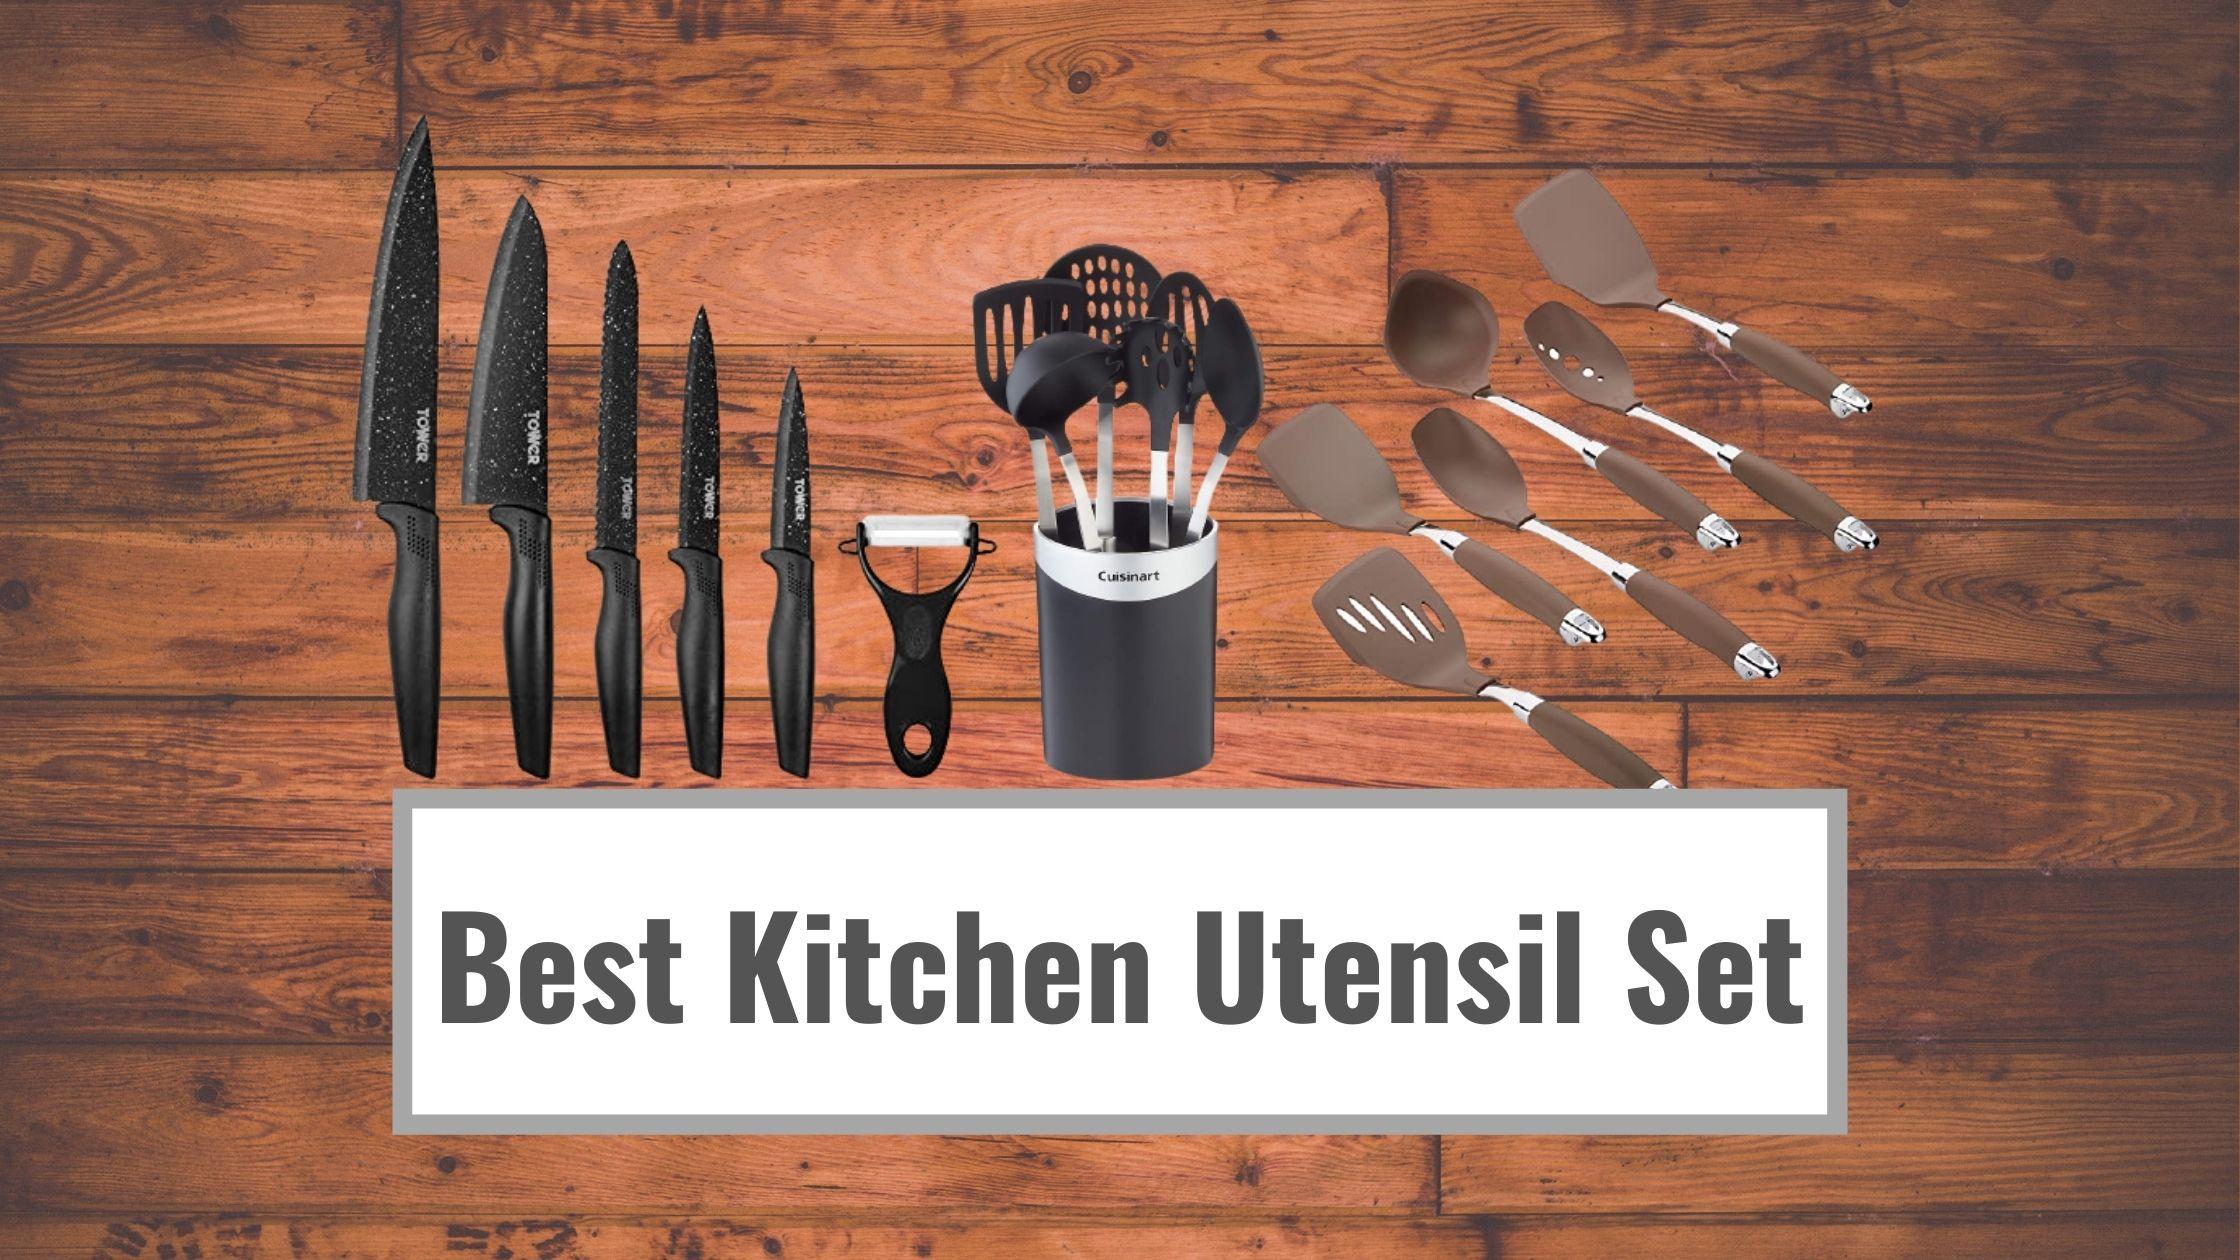 Best Kitchen Utensil Set